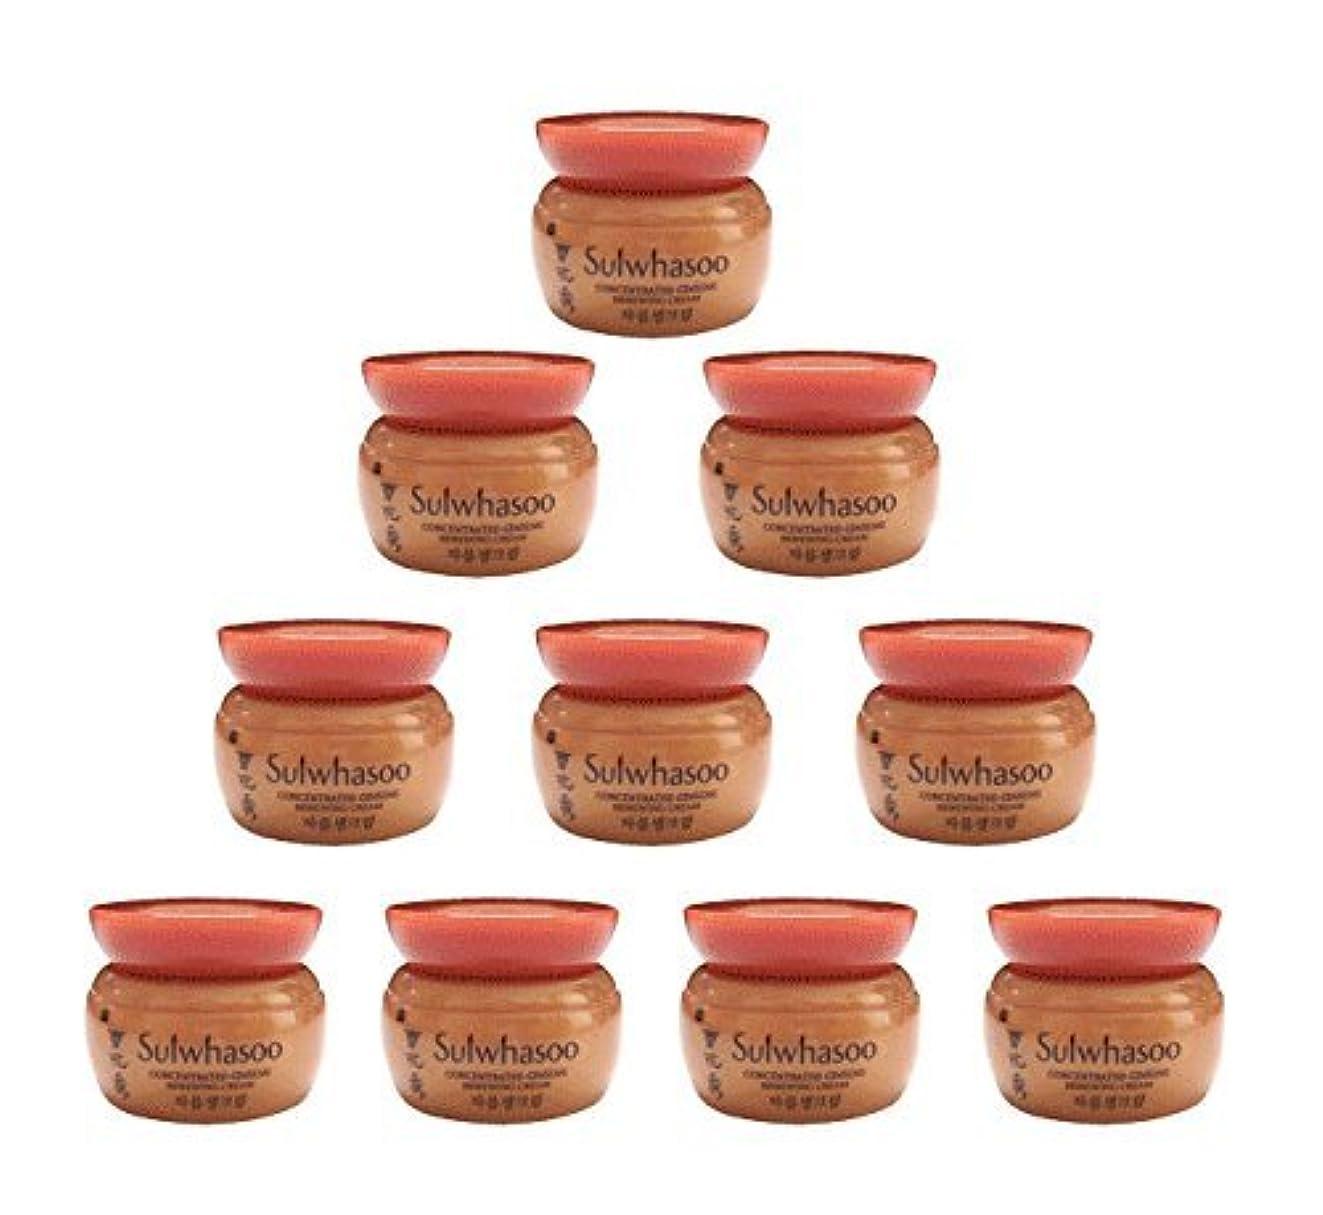 タイプライターアシュリータファーマン魔術【ソルファス 雪花秀 Sulwhasoo】 Concentrated Ginseng Renewing Cream(50ml) 5ml x 10個 韓国化粧品 ブランドのサンプル [並行輸入品]